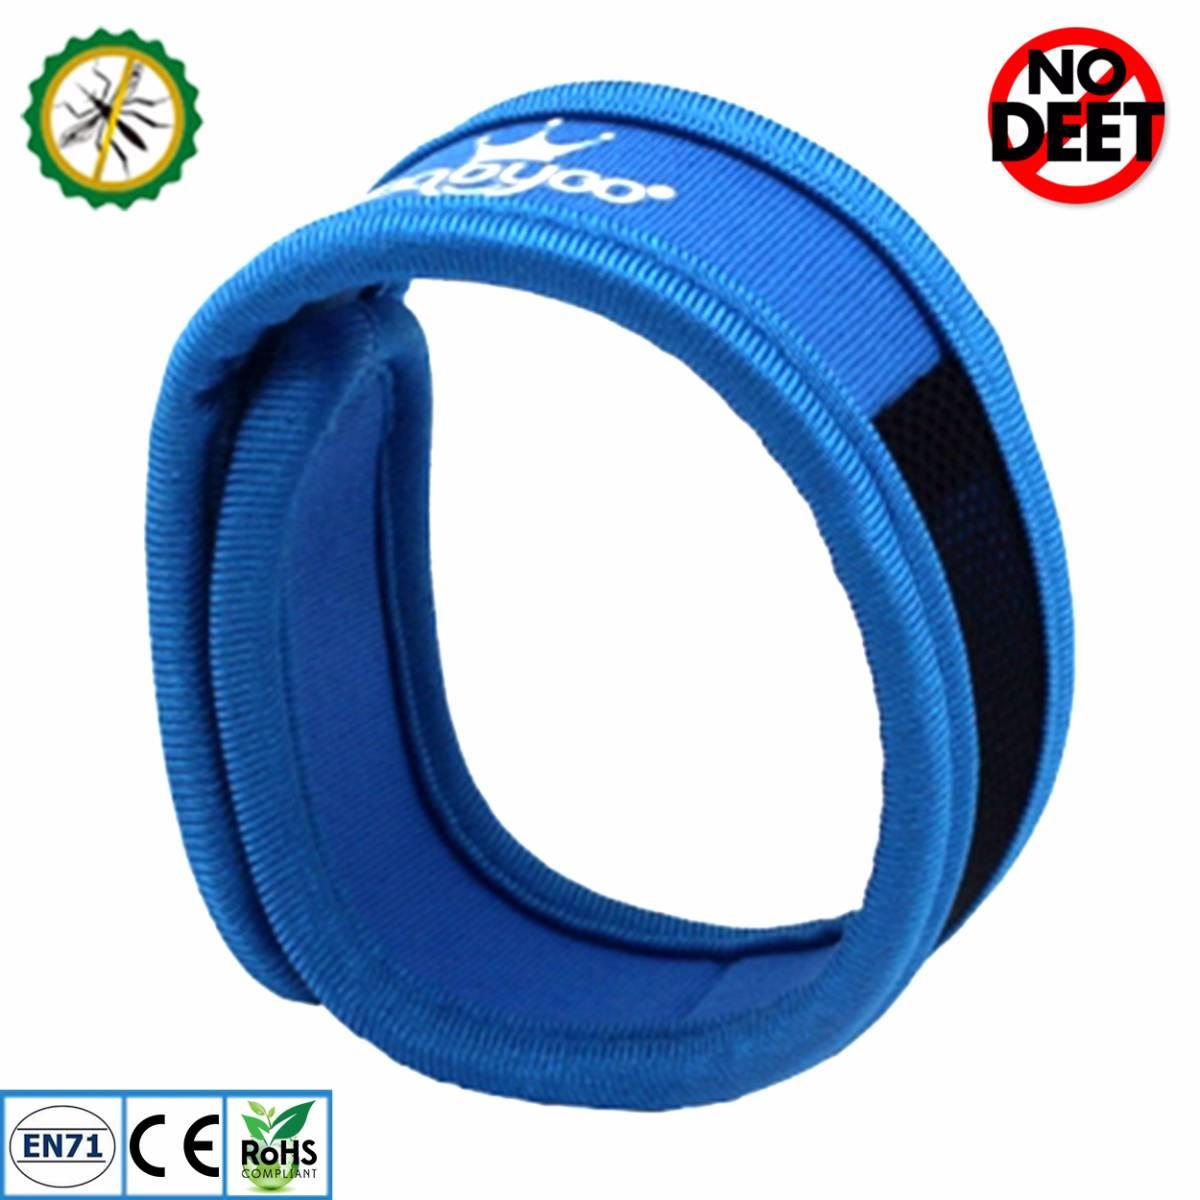 Babygo Neoprene Mosquito Repellent Wristband Blue (gelang Anti Nyamuk)